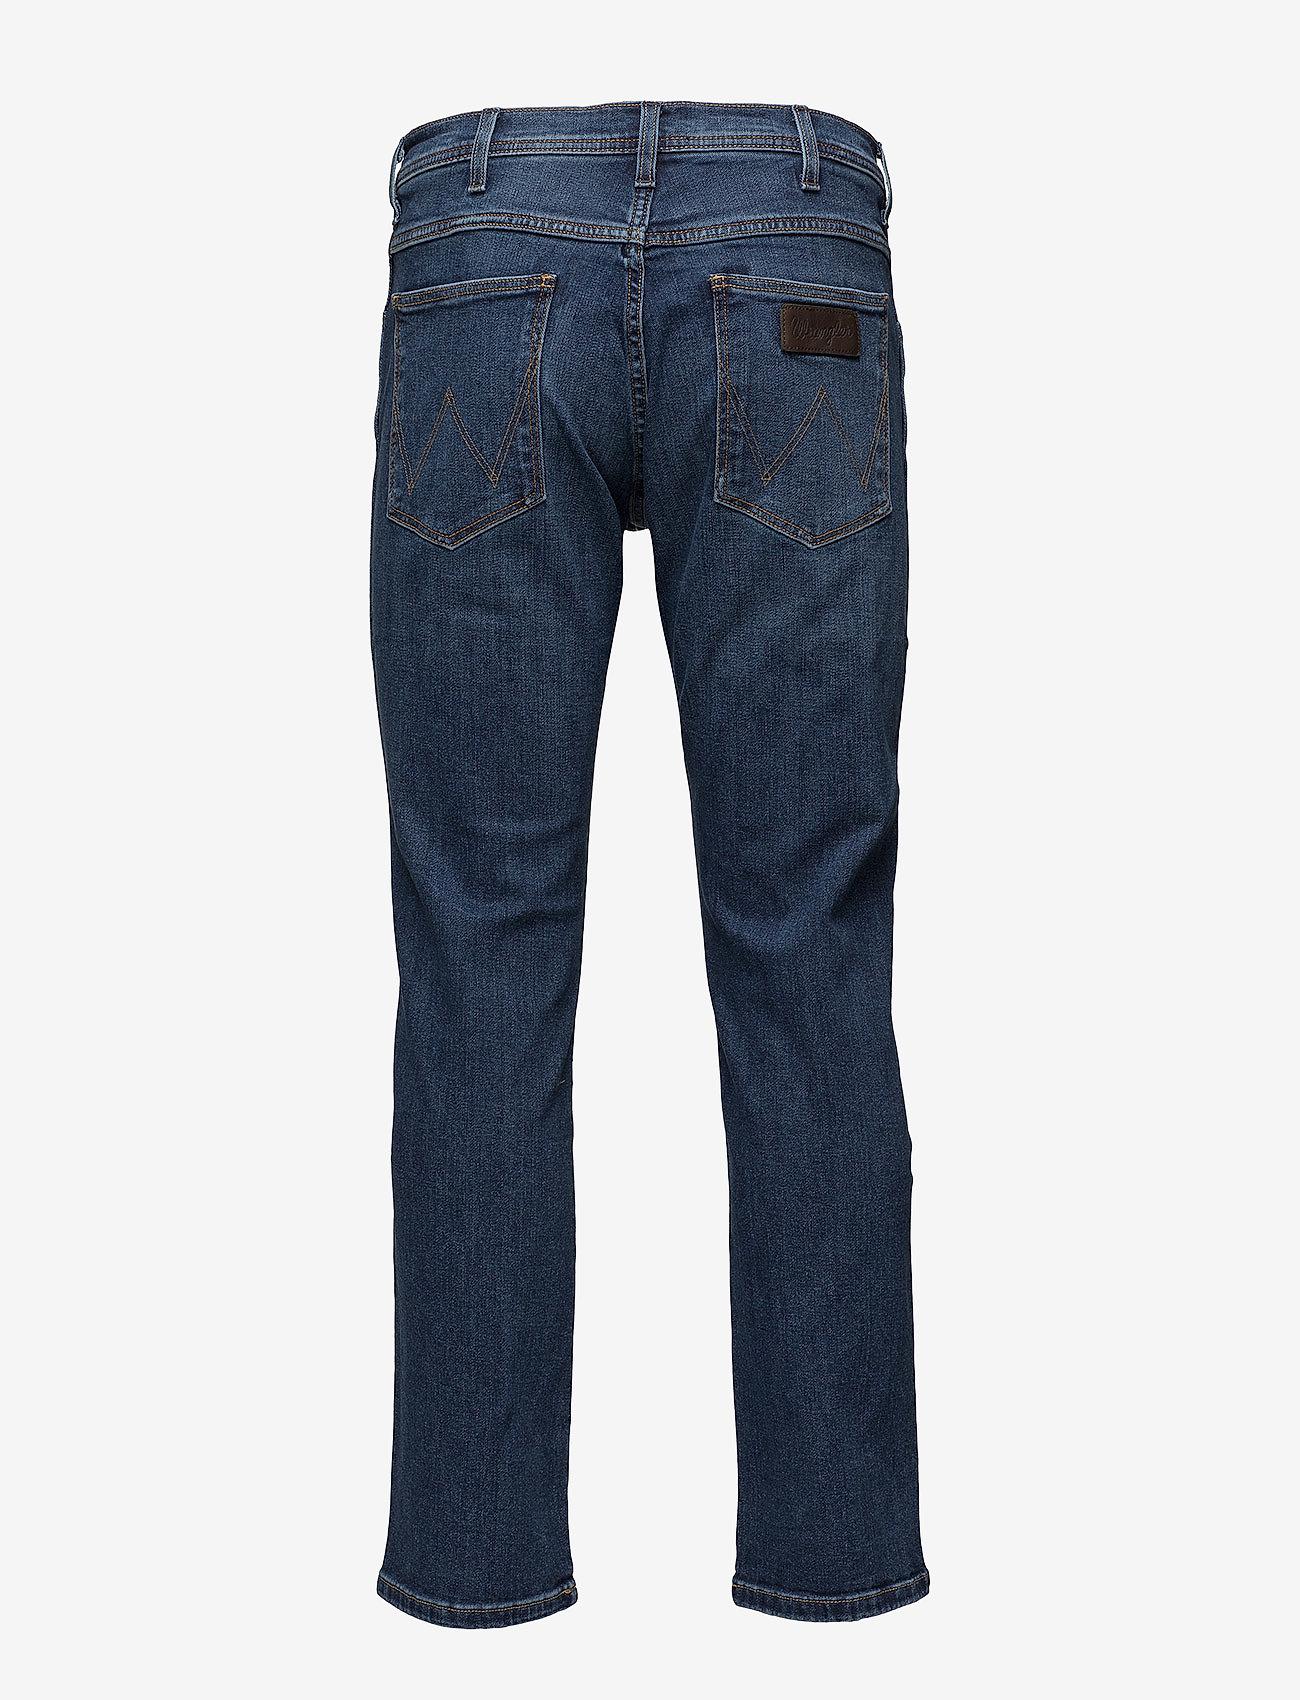 Wrangler ARIZONA STRETCH - Jeans BURNT BLUE - Menn Klær